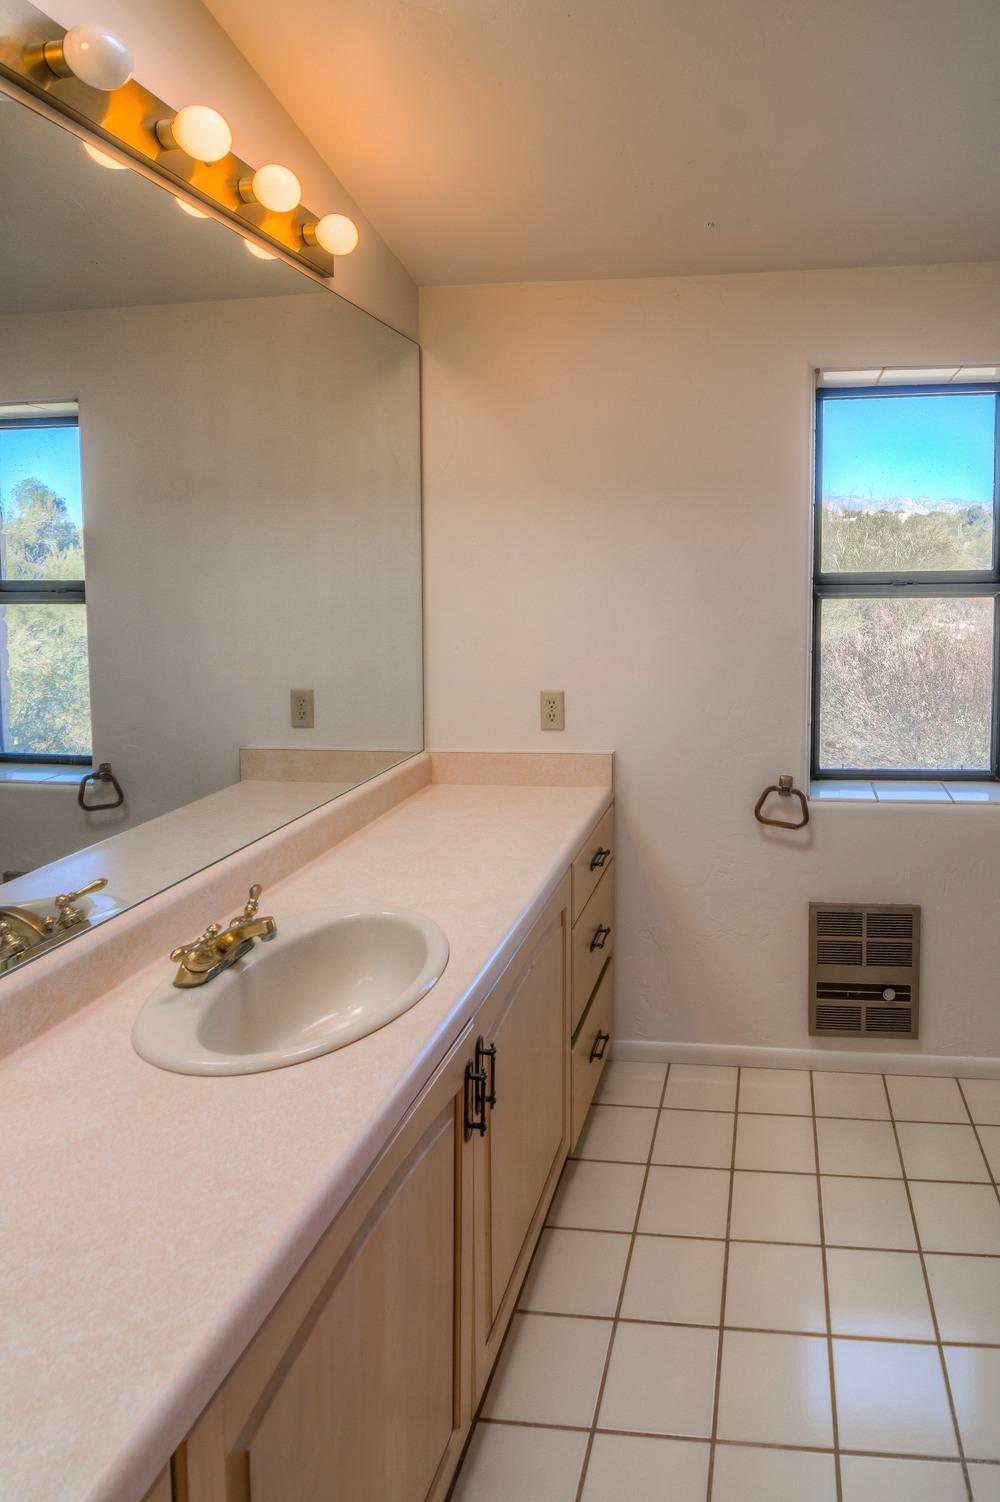 42 Guest Bath photo a.jpg